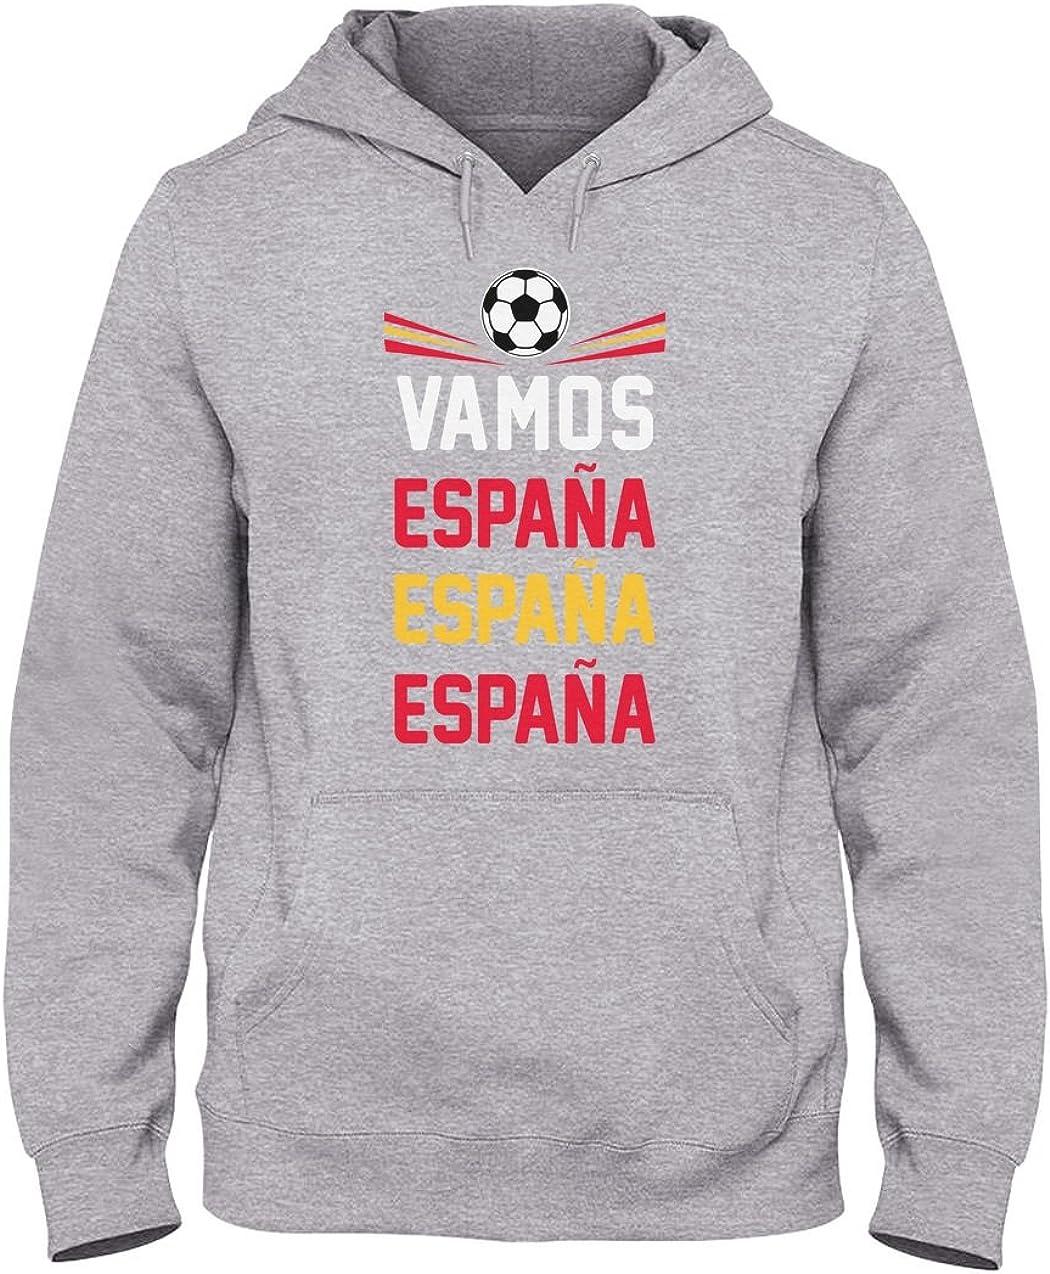 Green Turtle T-Shirts Sudadera con Capucha para Hombre - Vamos España - Apoyemos a la Selección Española! Small Gris: Amazon.es: Ropa y accesorios